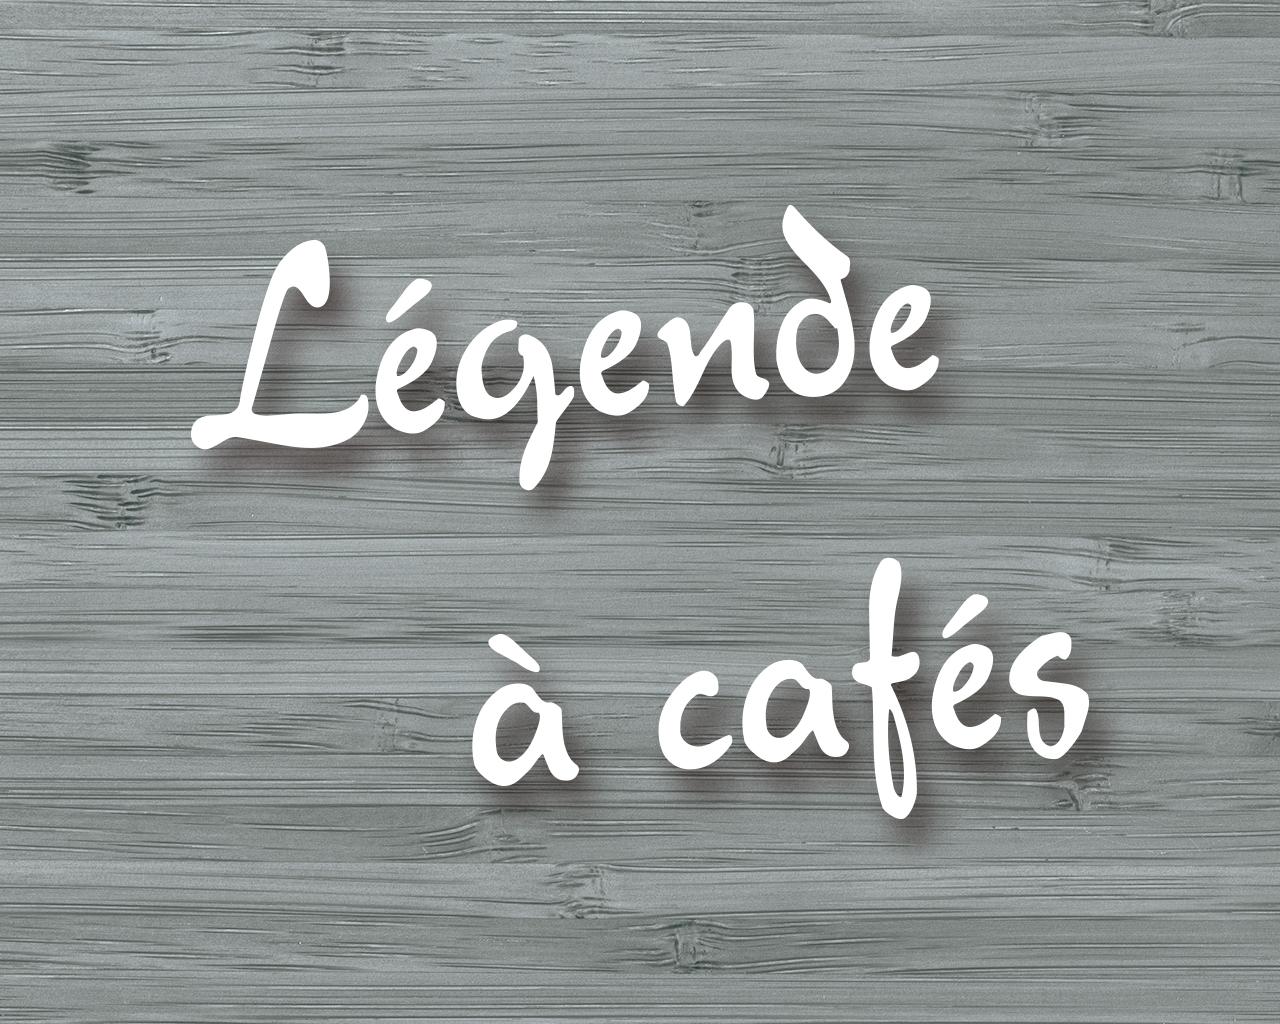 légende des nouveaux cafés armorique